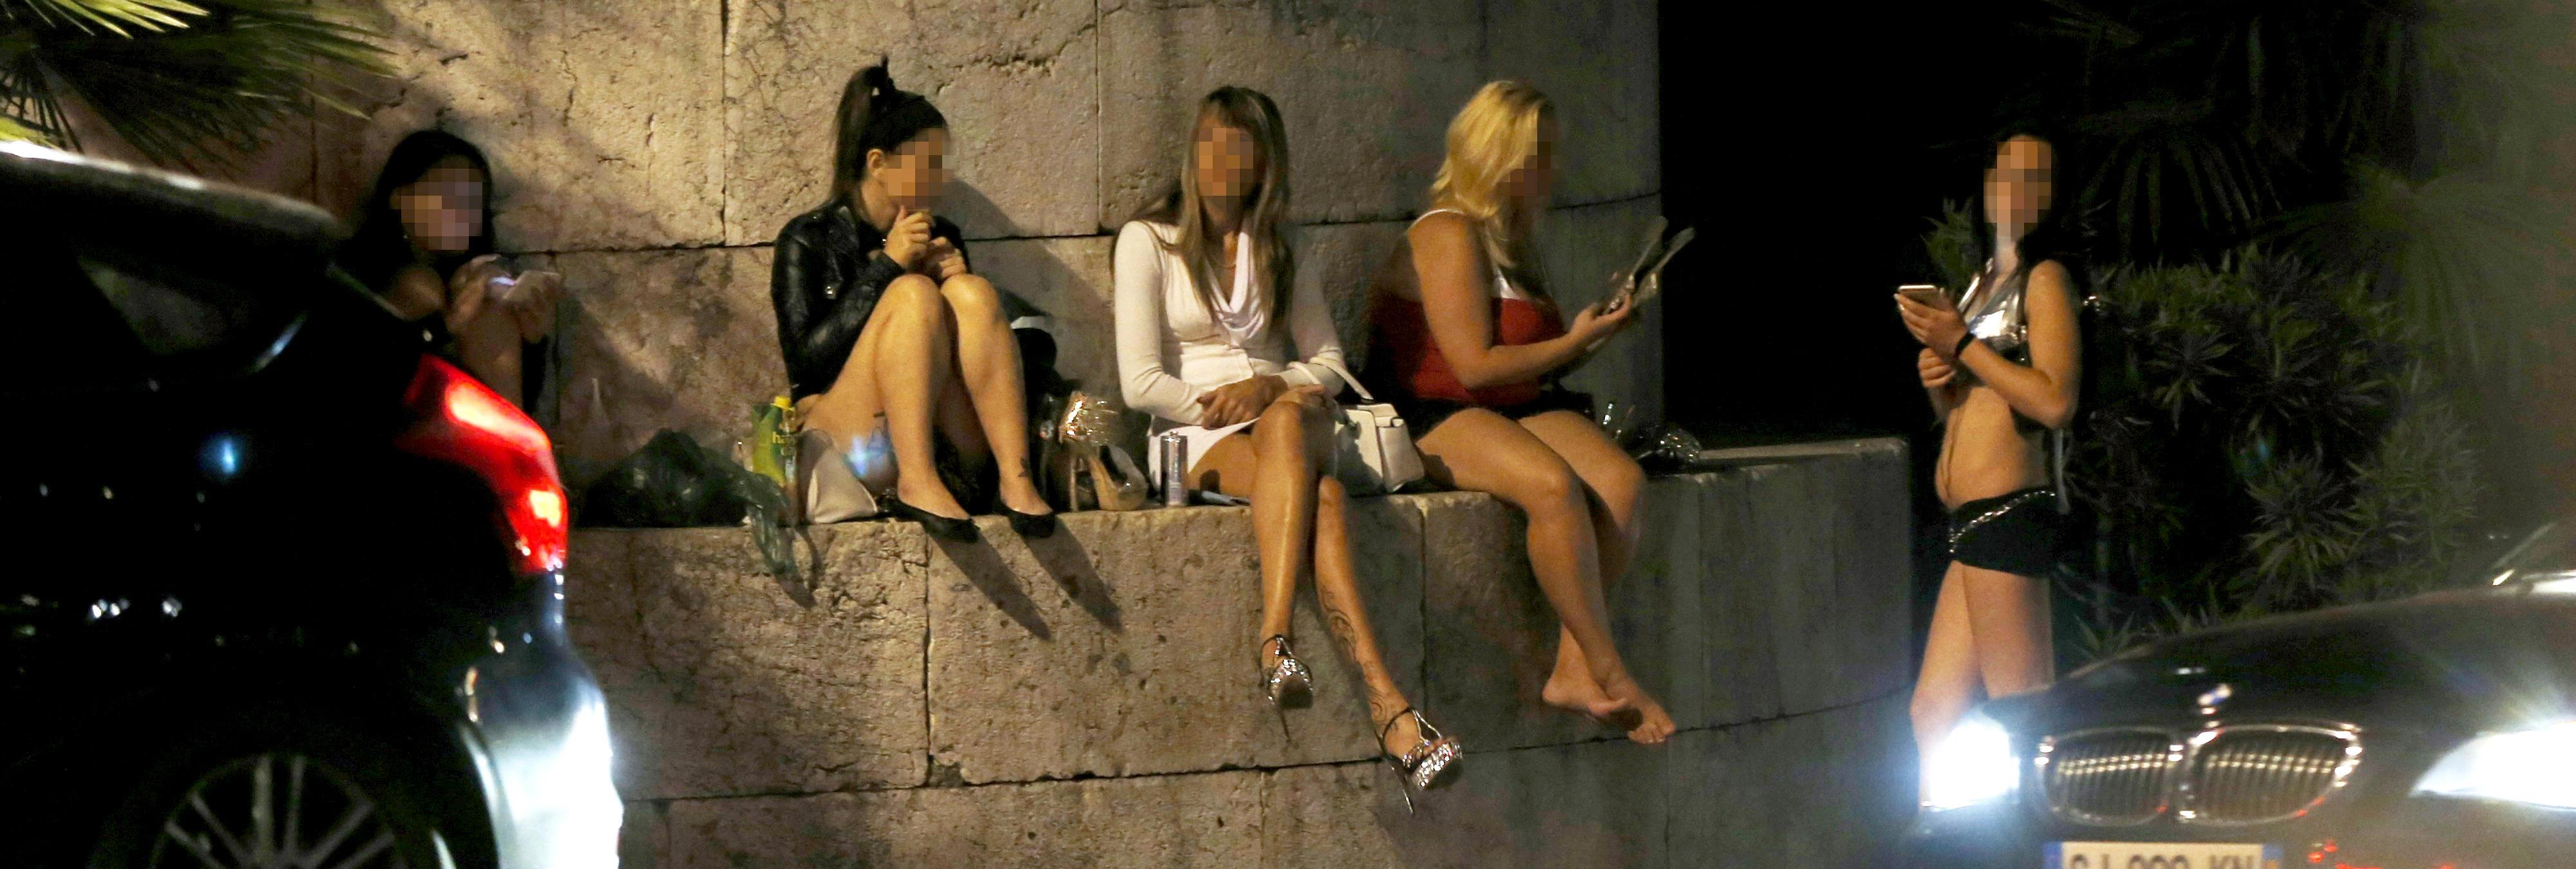 david de gea prostitutas juegos prostitutas